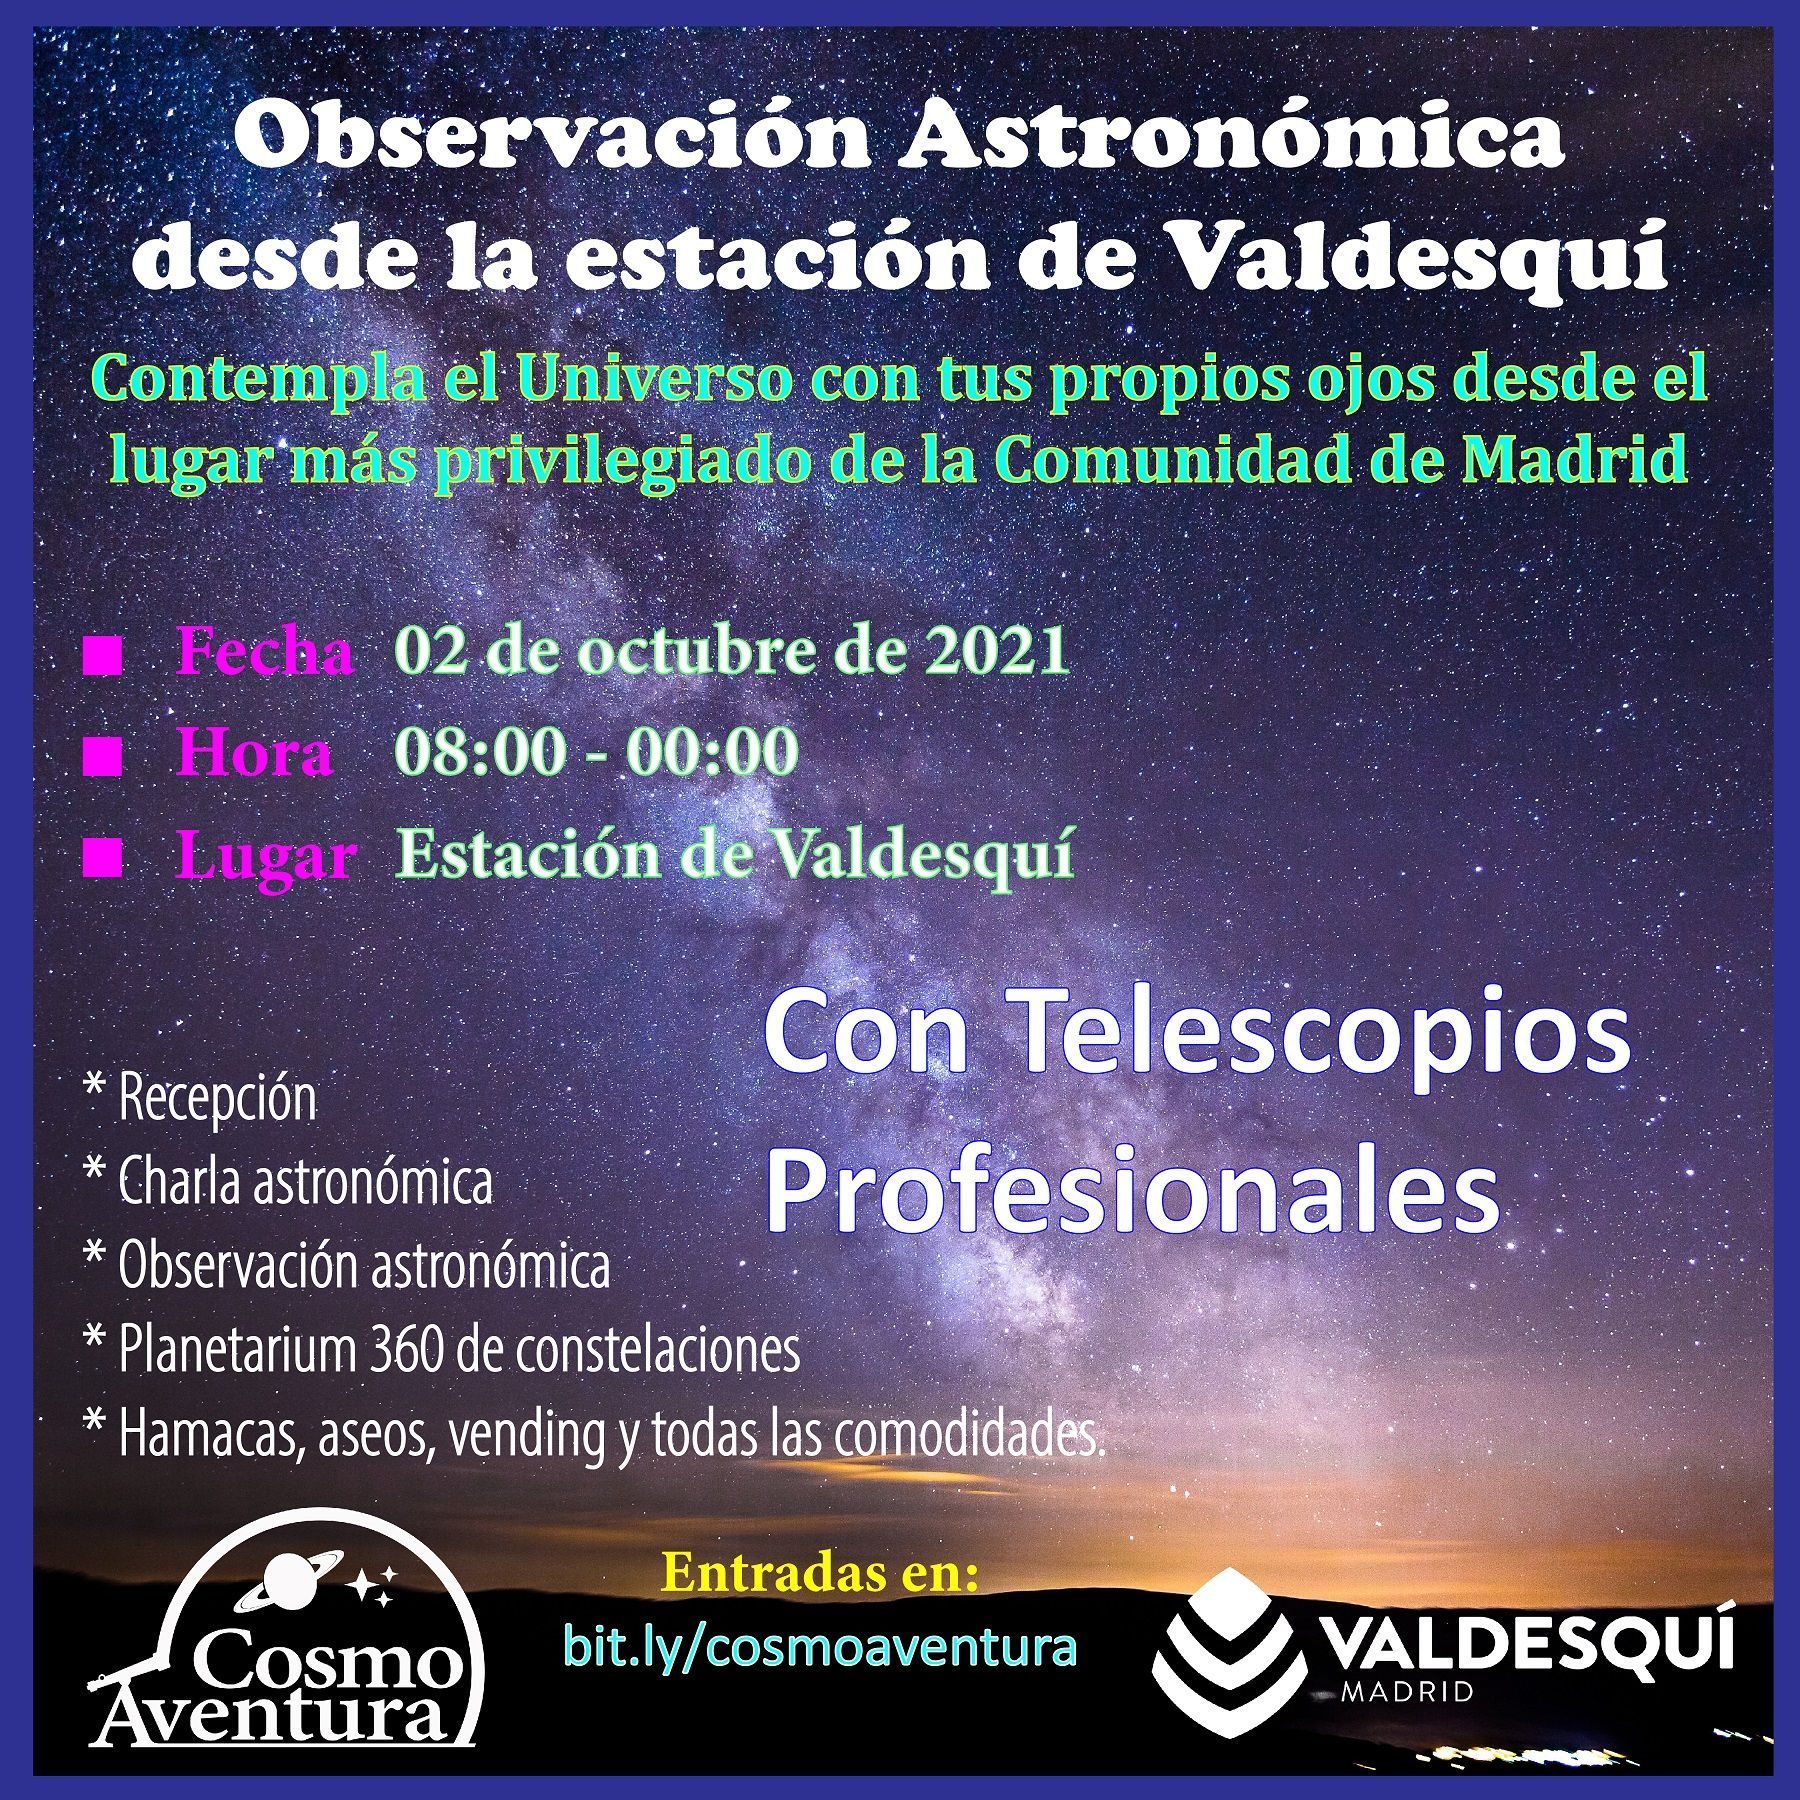 (CANCELADO POR METEOROLOGIA) 02-10-2021.- Observación Astronómica en el lugar más exclusivo de Madrid: La Estación de Valdesquí